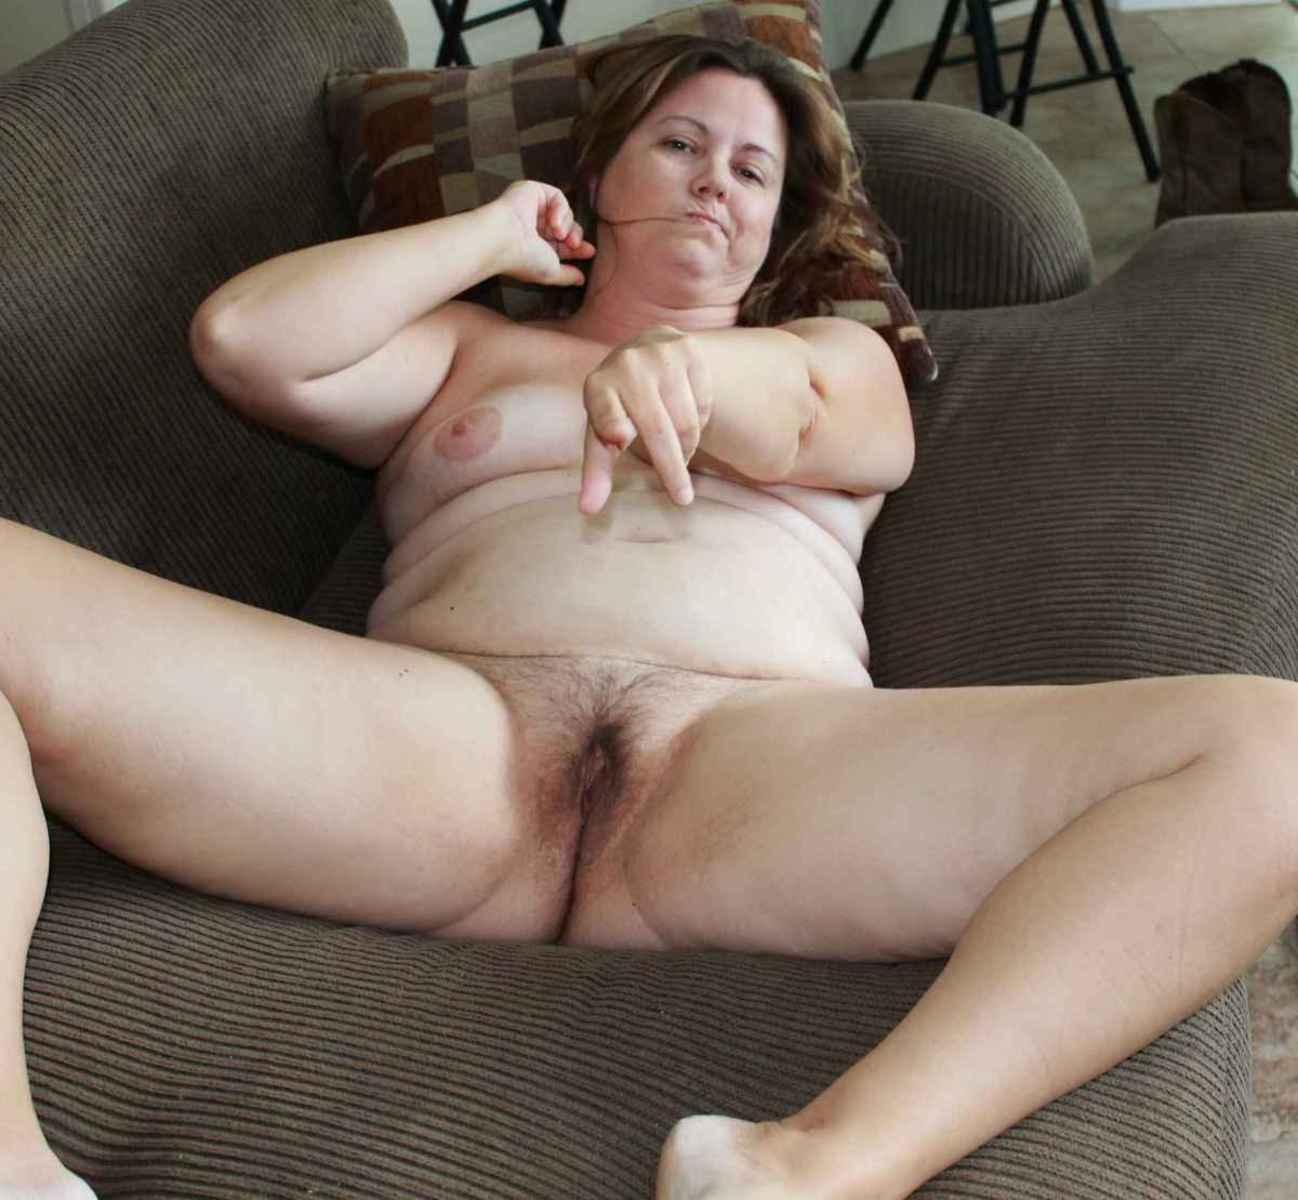 Grosse maman poilue écarte les cuisses sur le canapé